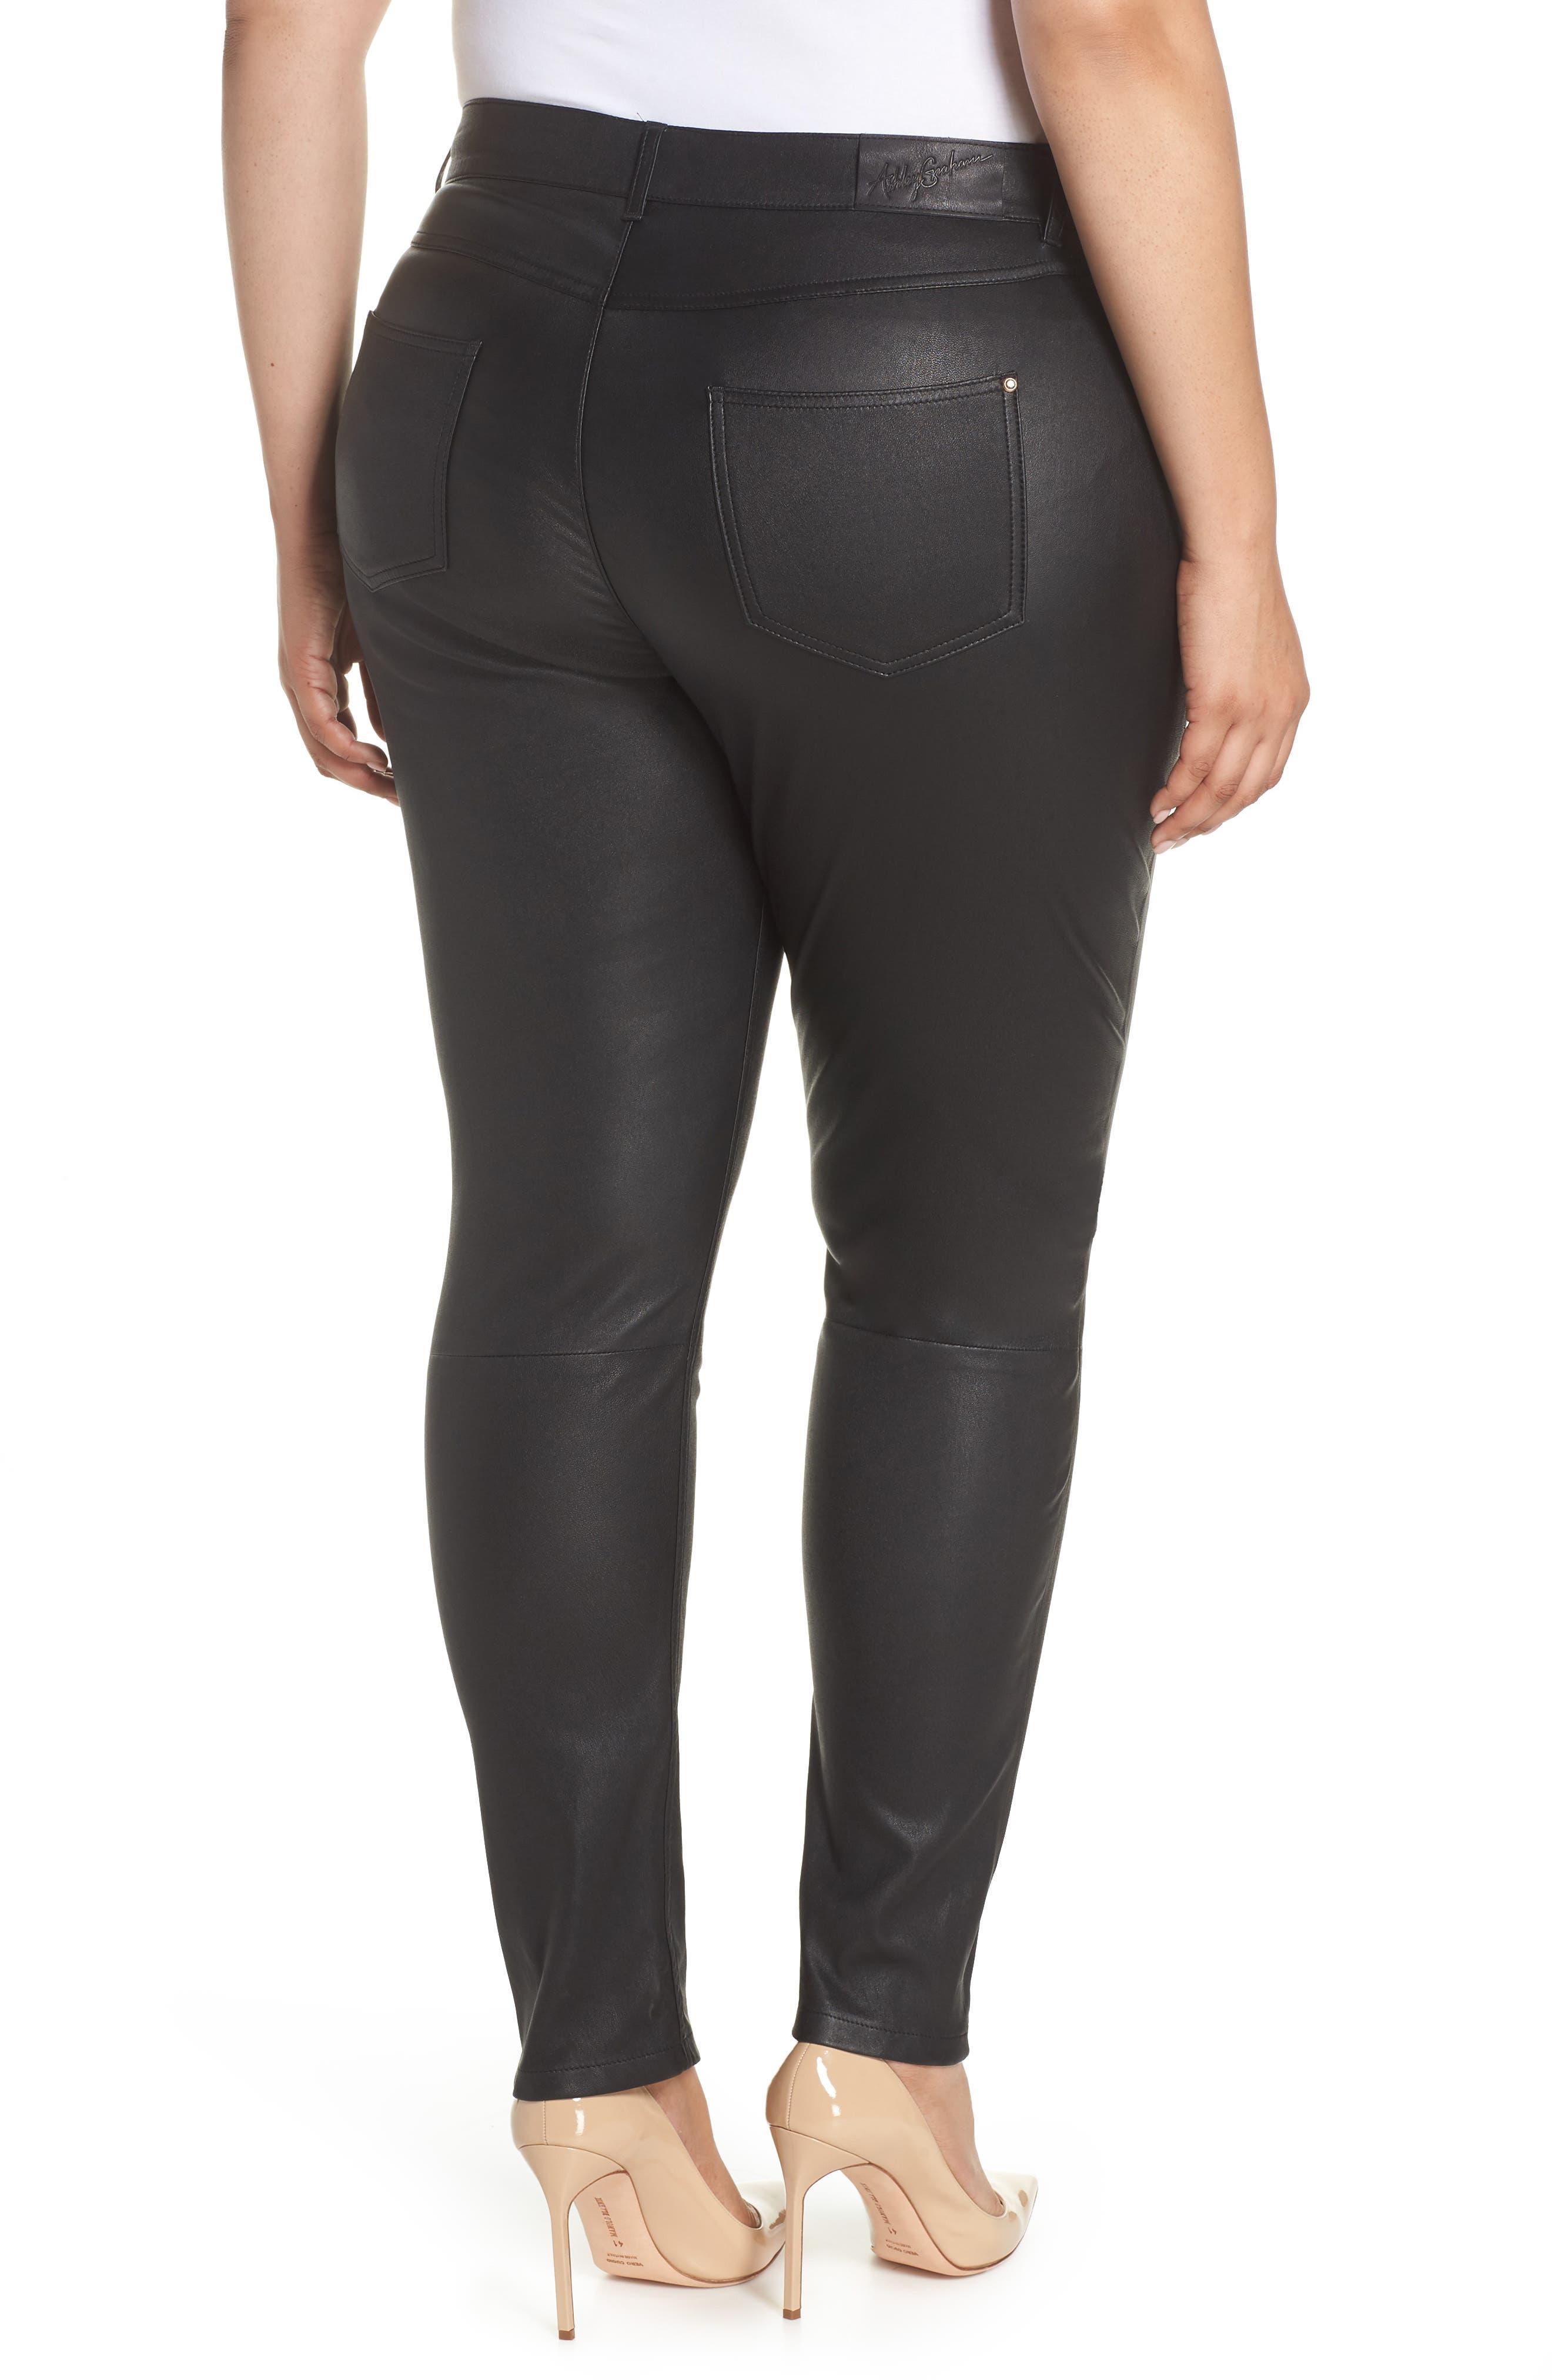 Eboli Leather Pants,                             Alternate thumbnail 2, color,                             Black